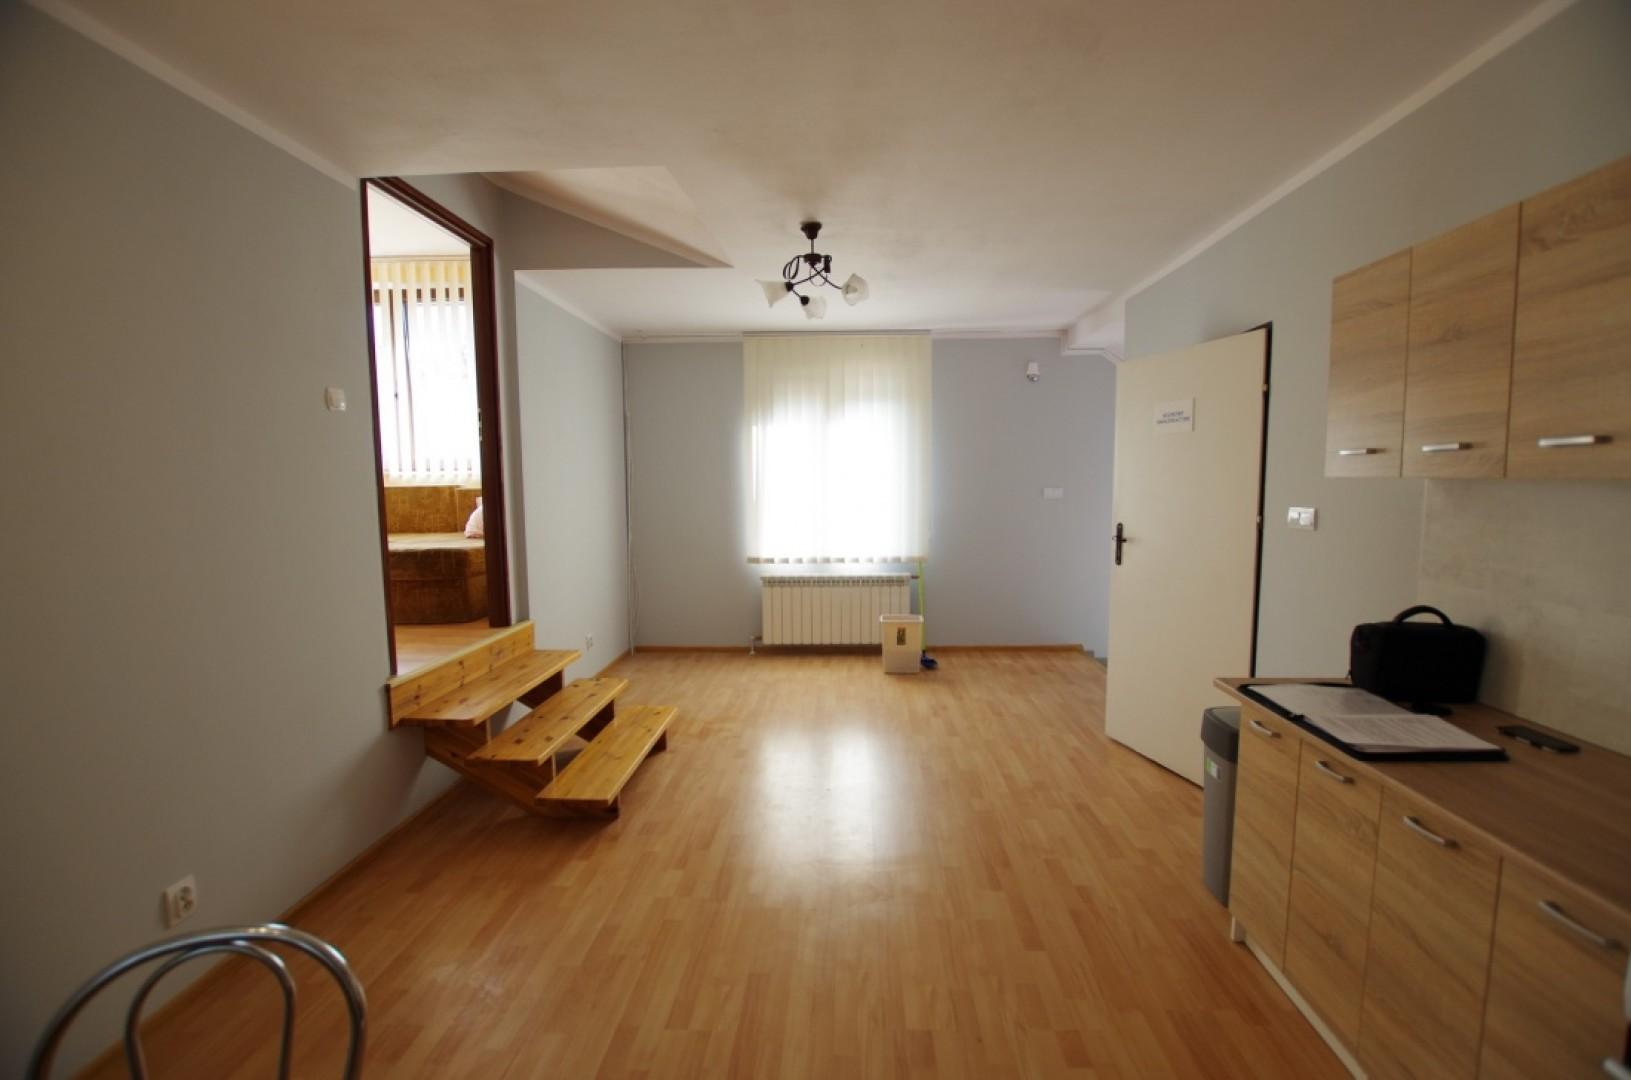 Dom do wynajęcia - Rzeszów